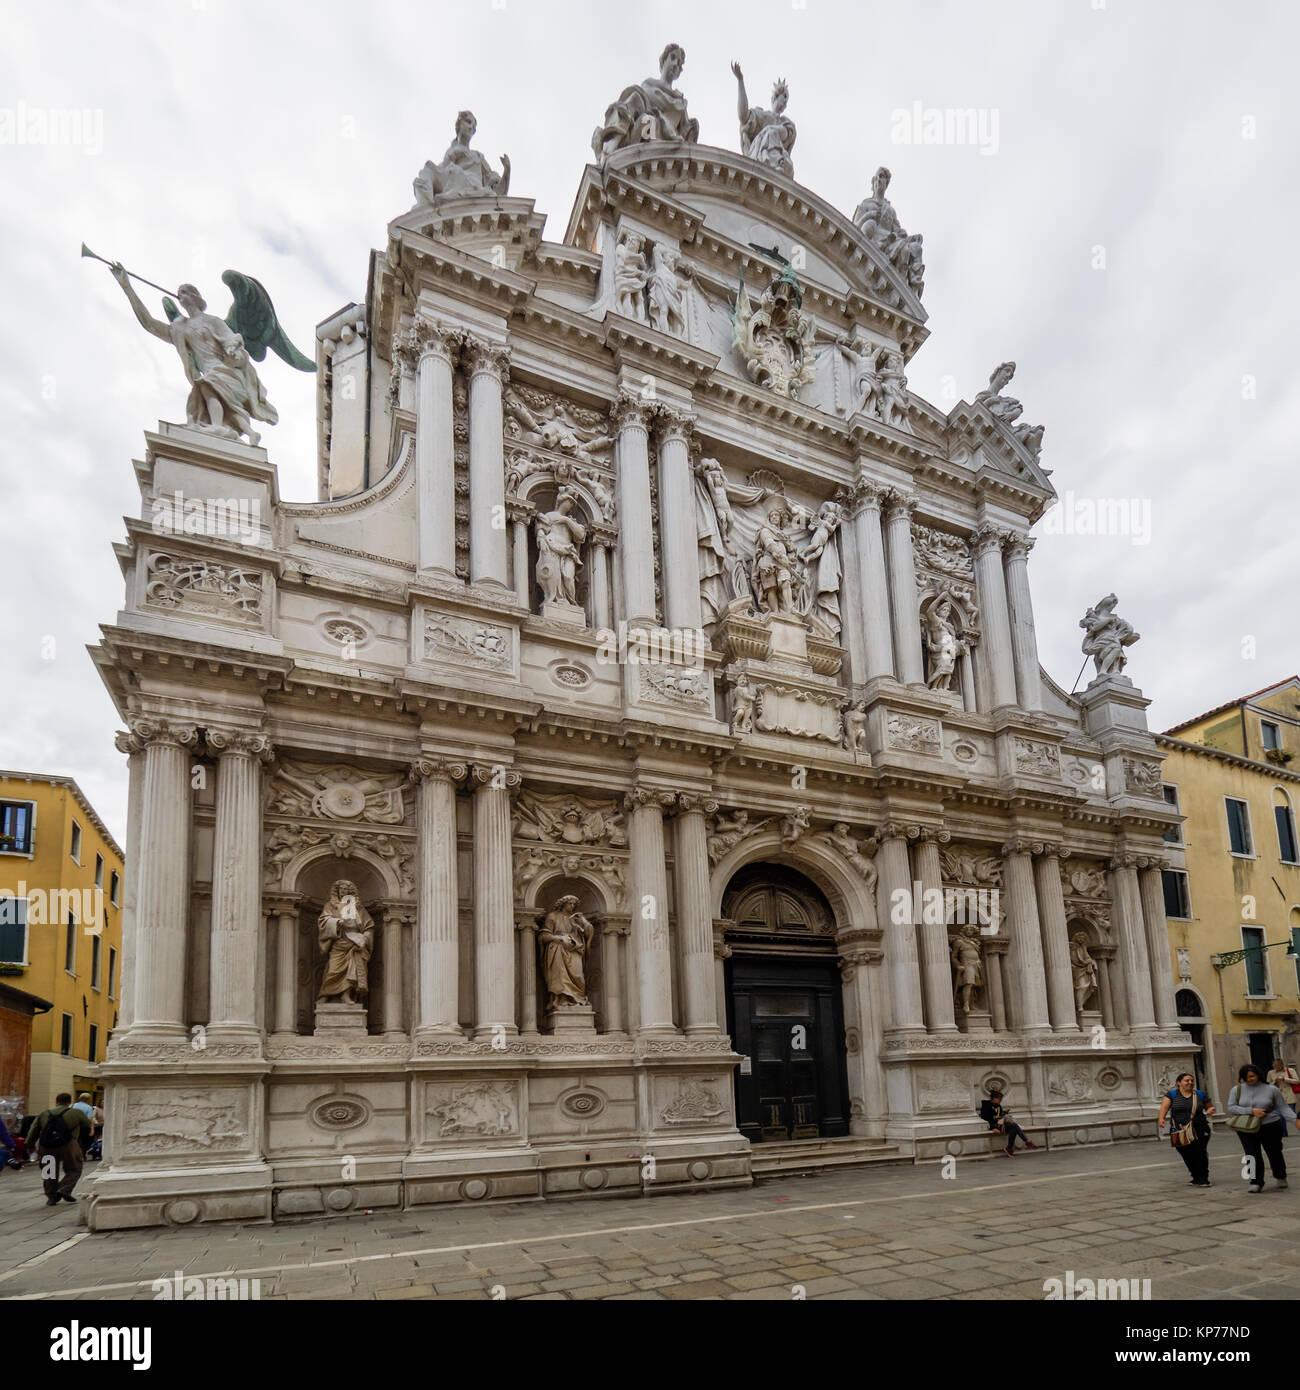 VENICE, ITALY: Baroque facade of the Church of Santa Maria